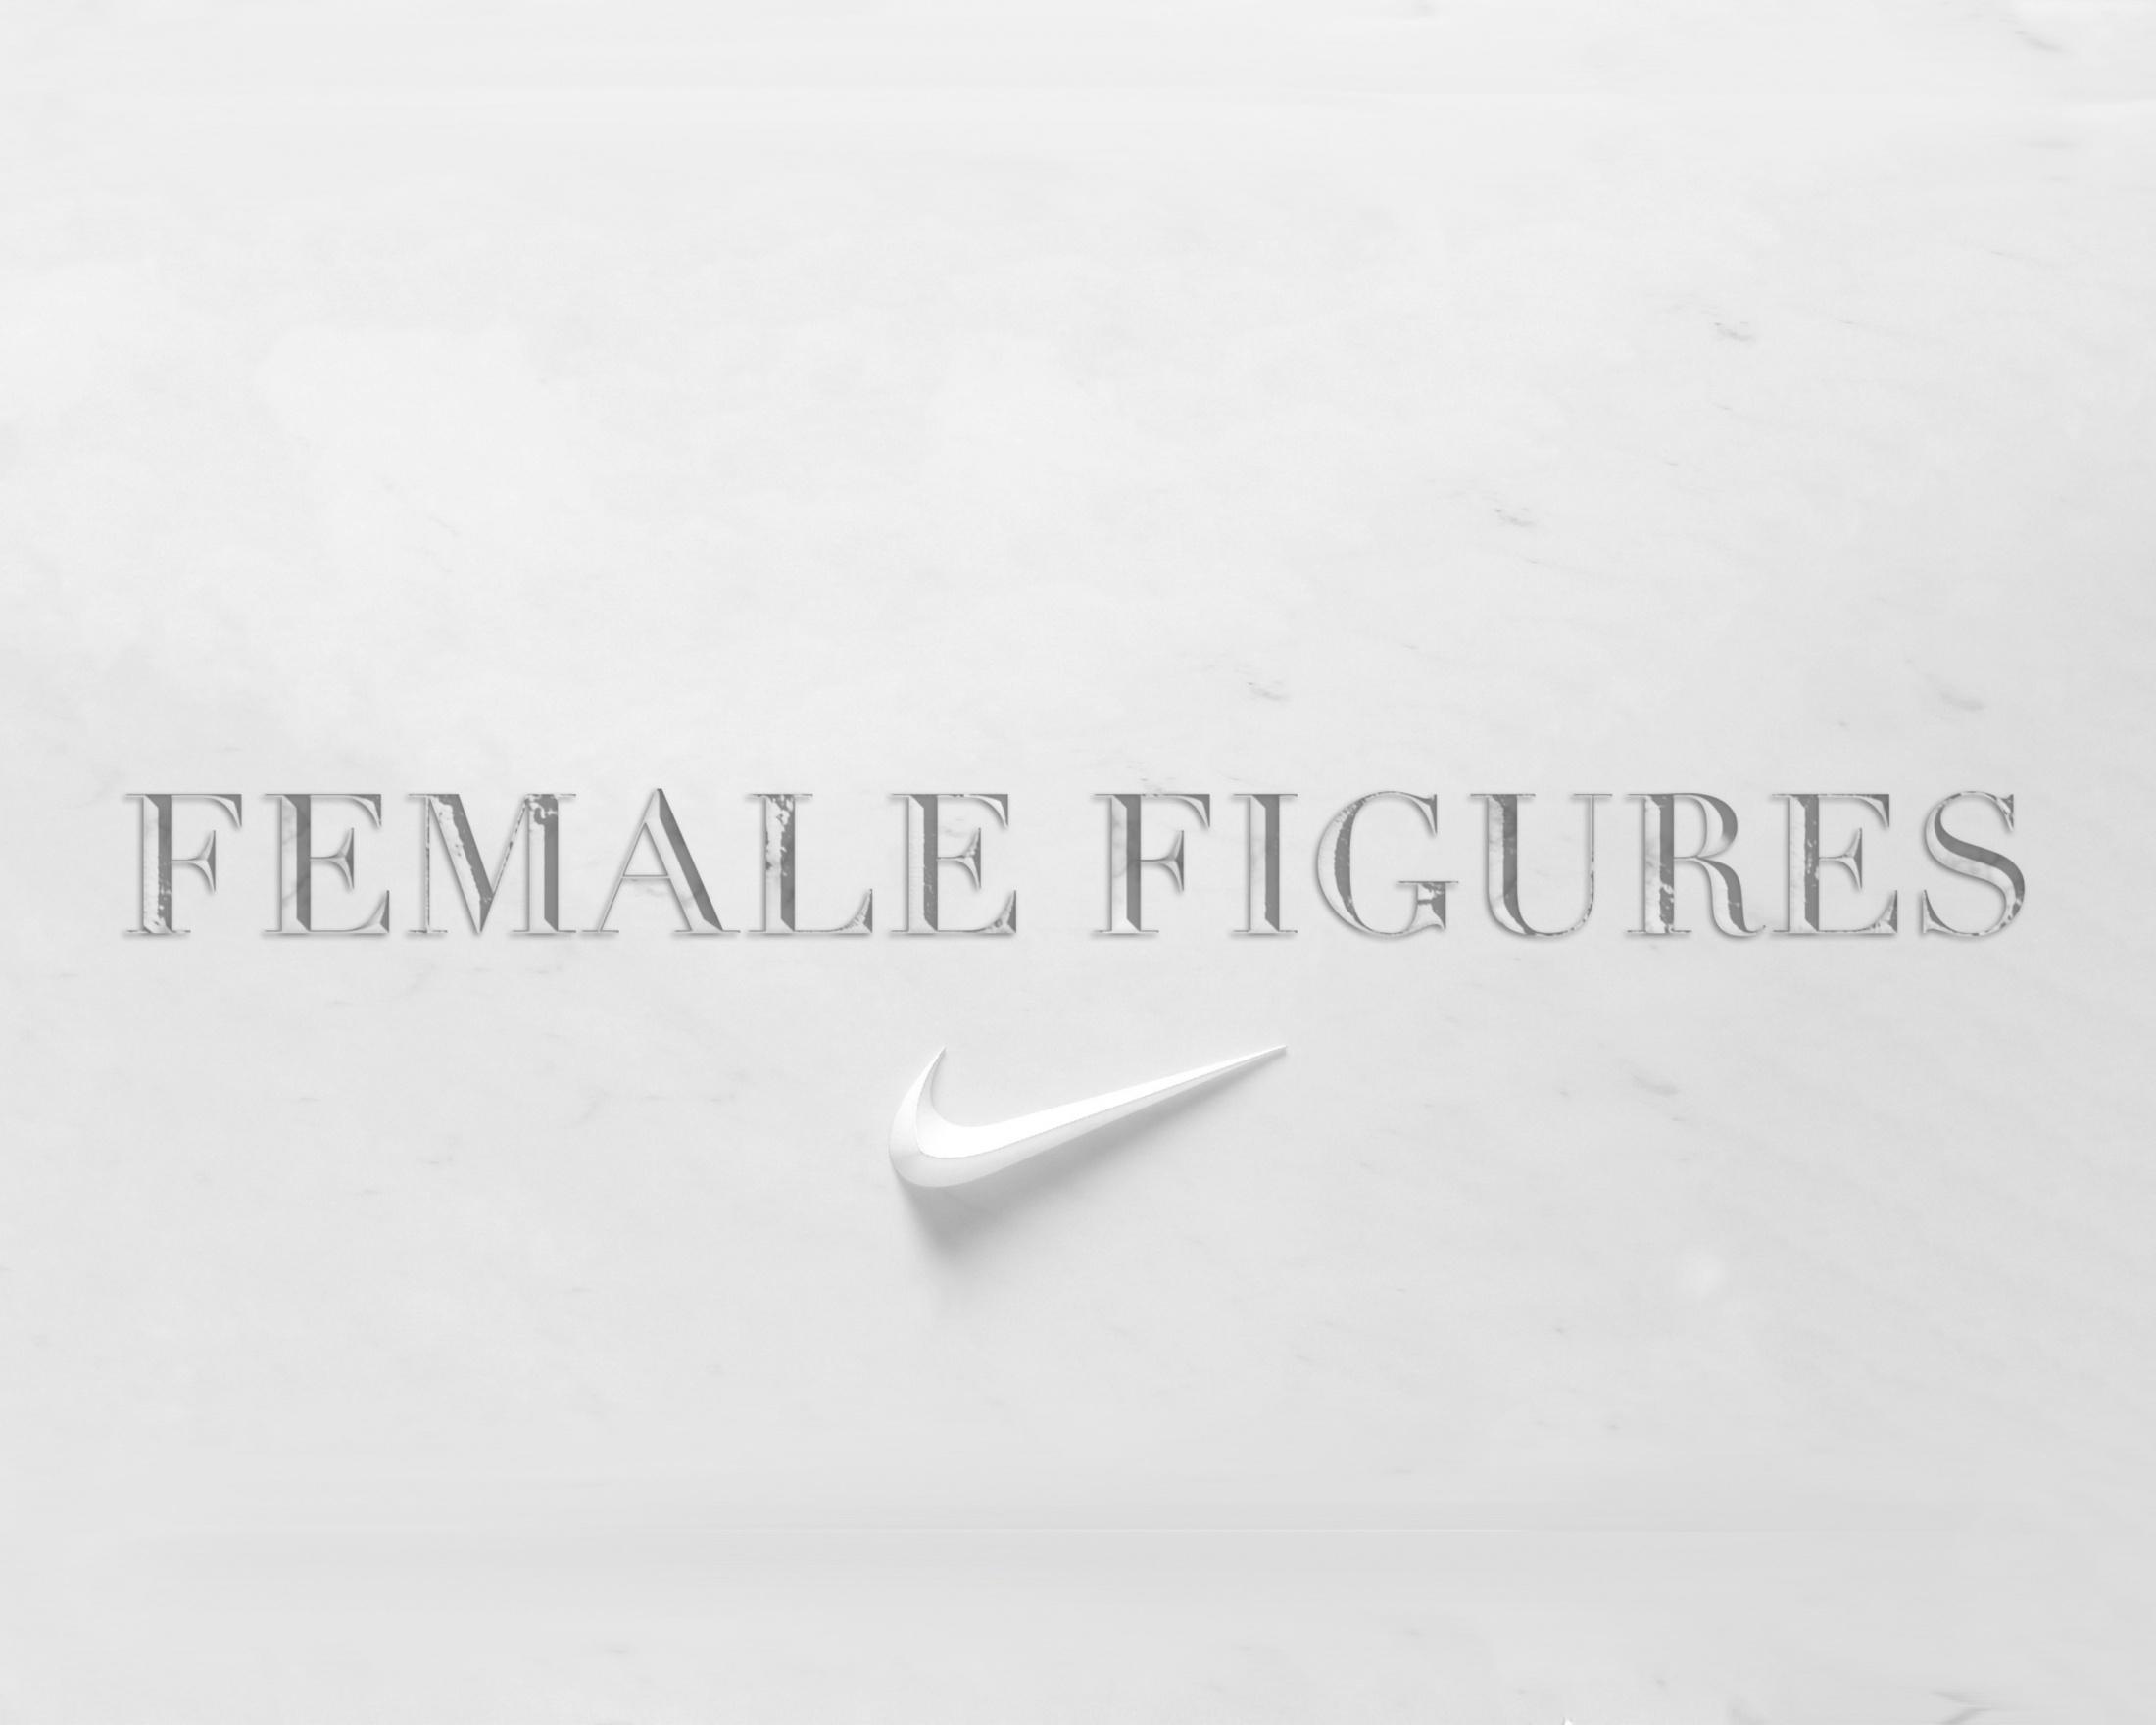 Thumbnail for Female Figures